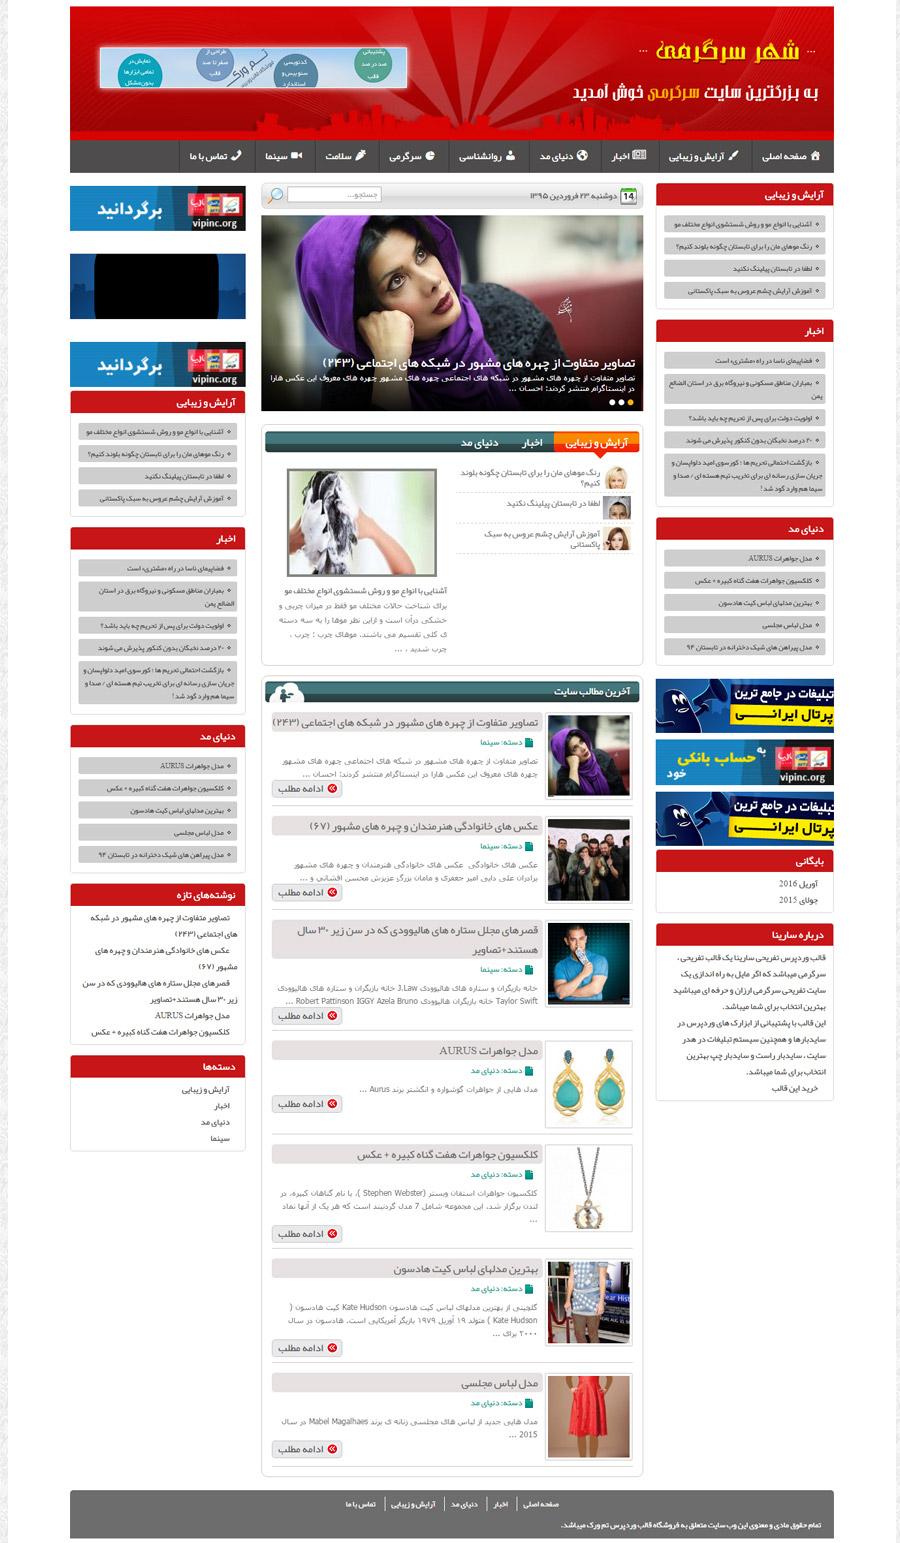 قالب رایگان تفریحی وردپرس - فروشگاه قالب وردپرس آنلاینر